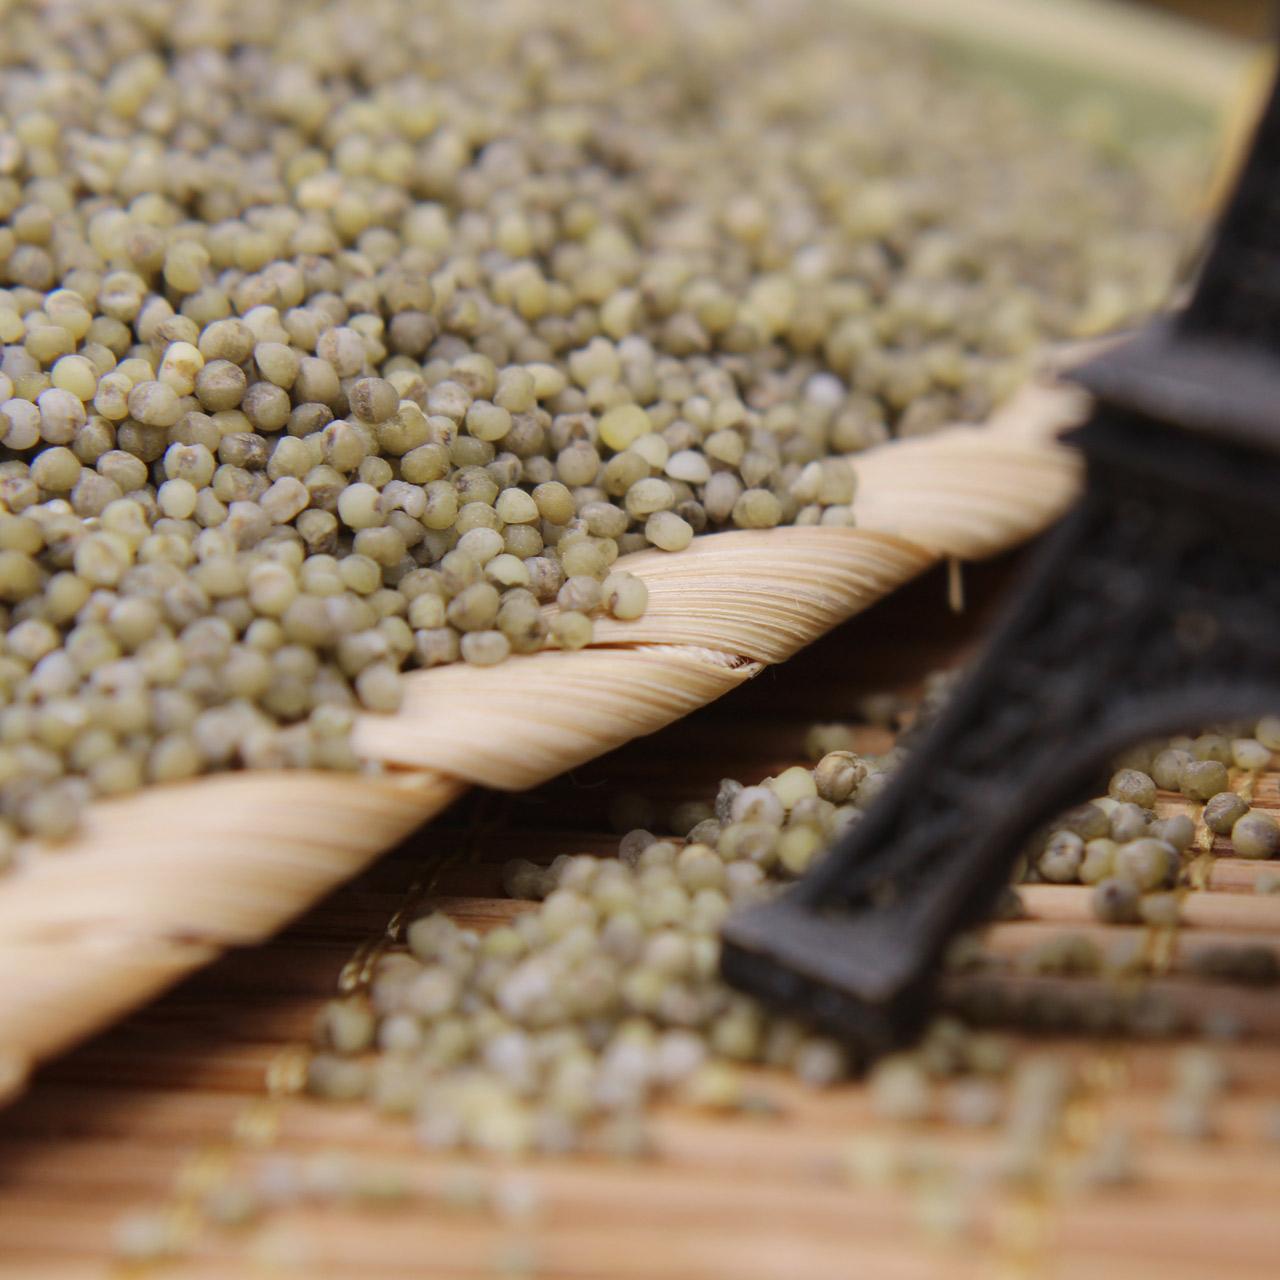 朱碌科 東北有機黑小米1000g(250g^~4) 旱地特產黑微米 五穀雜糧